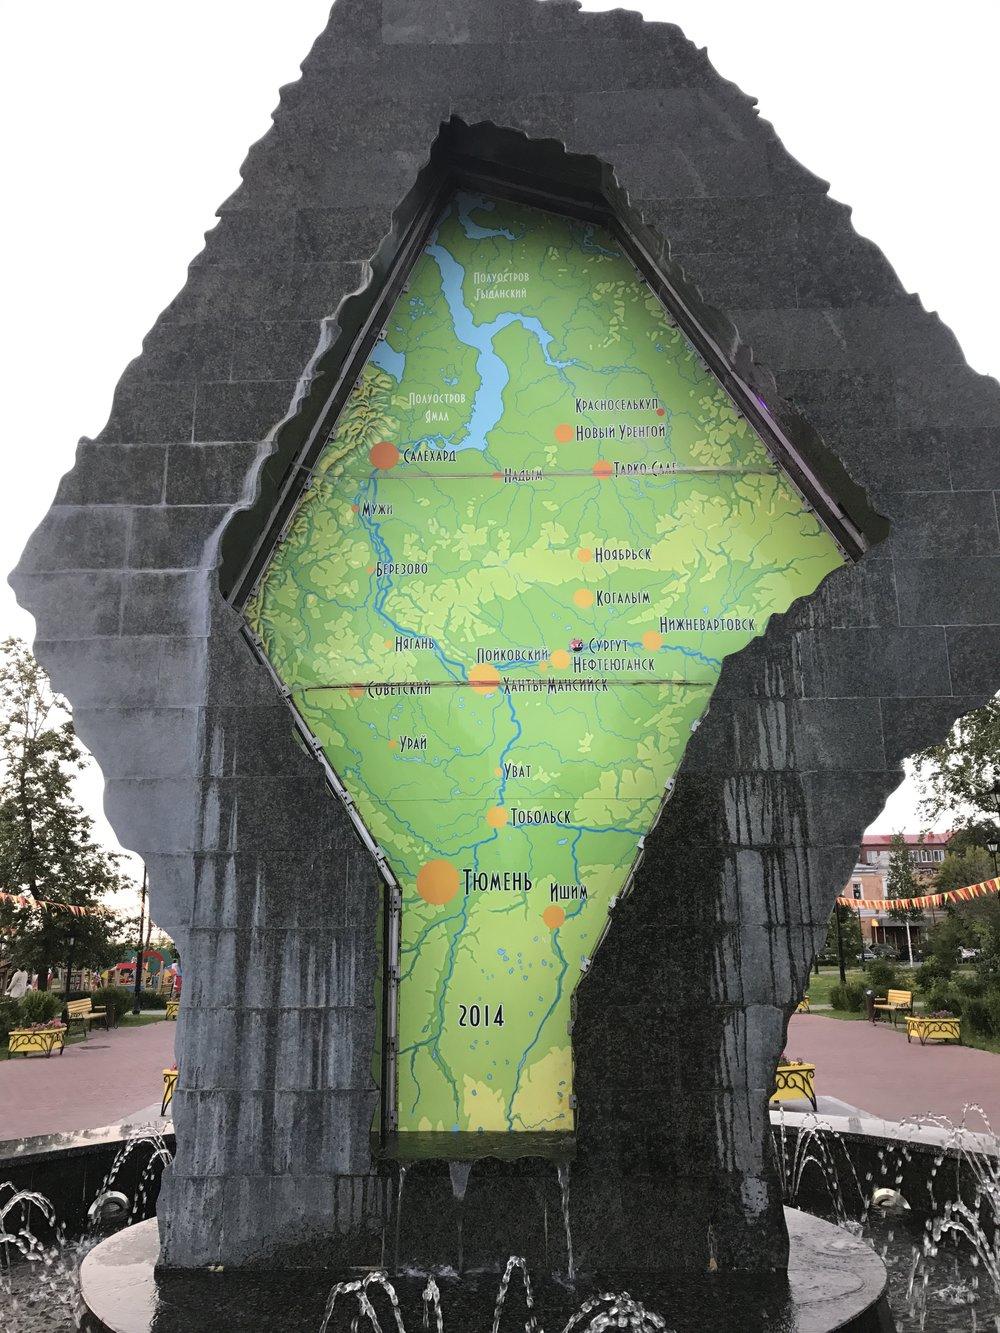 تيومين وتوبولسك، كما تبدوان على الخريطة